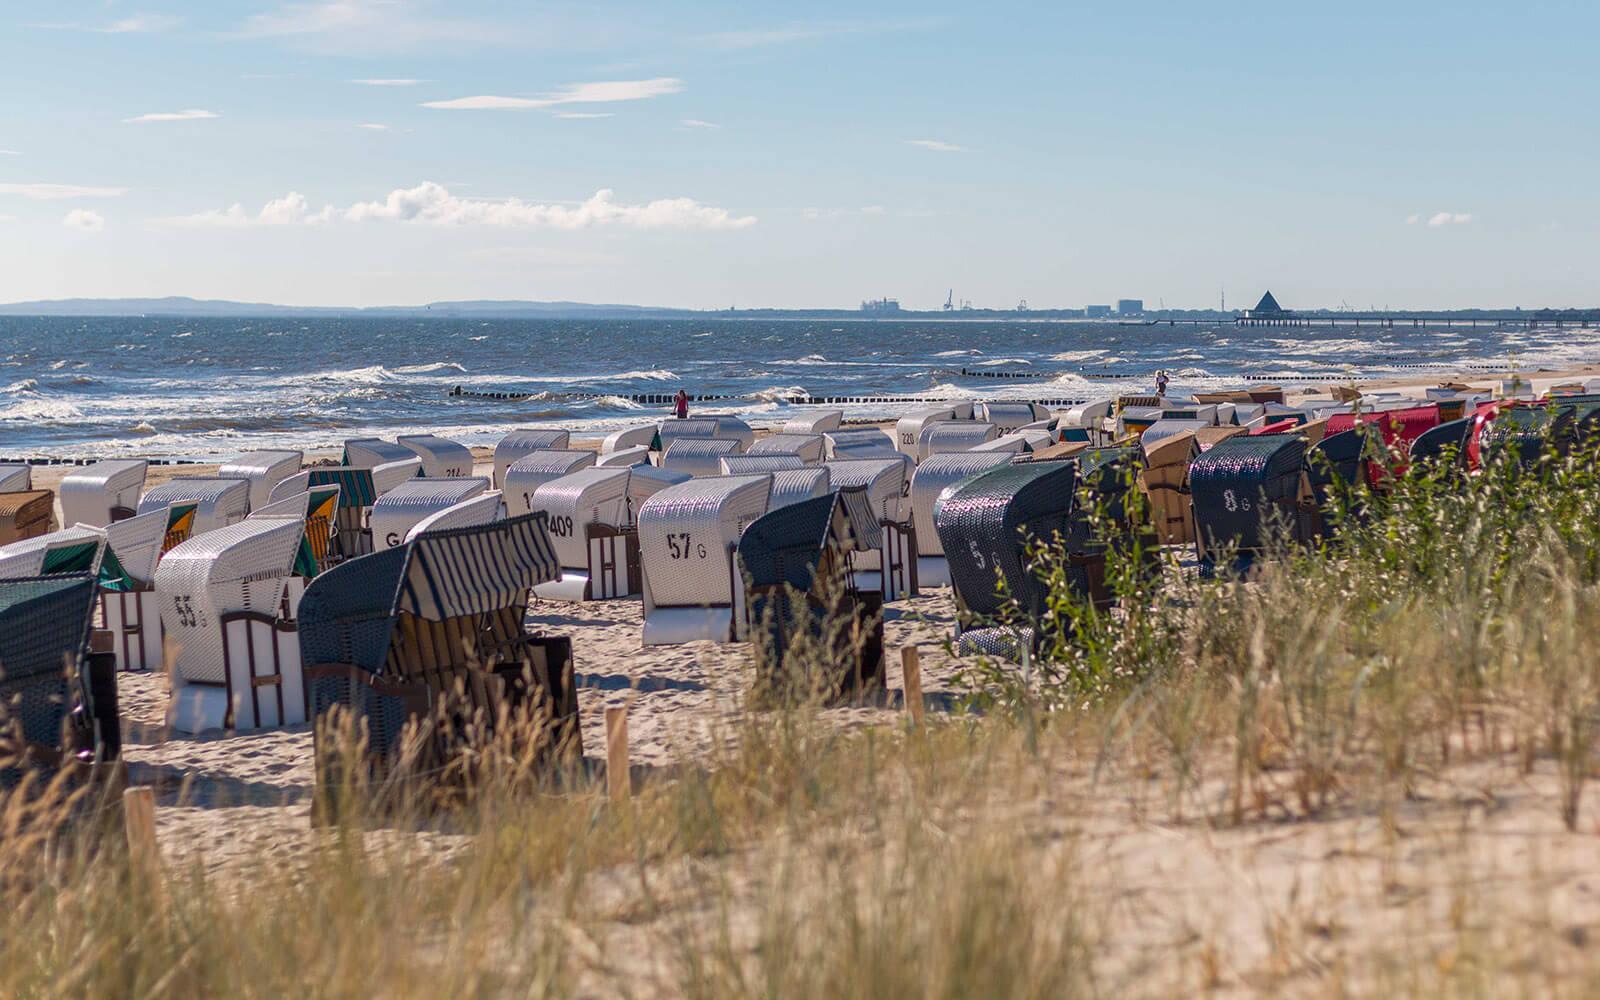 Plaża wmiejscowości Ahlbeck nawyspie Uznam